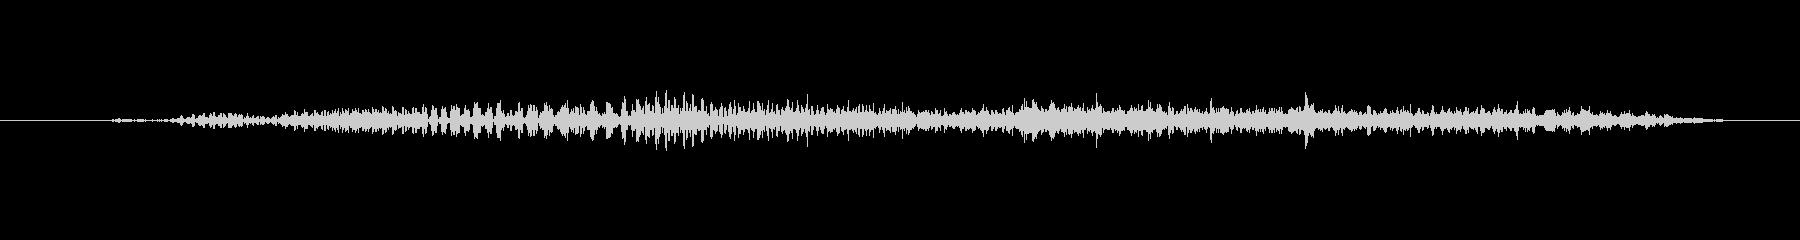 ゾンビ うめき声アイドルスロート01の未再生の波形